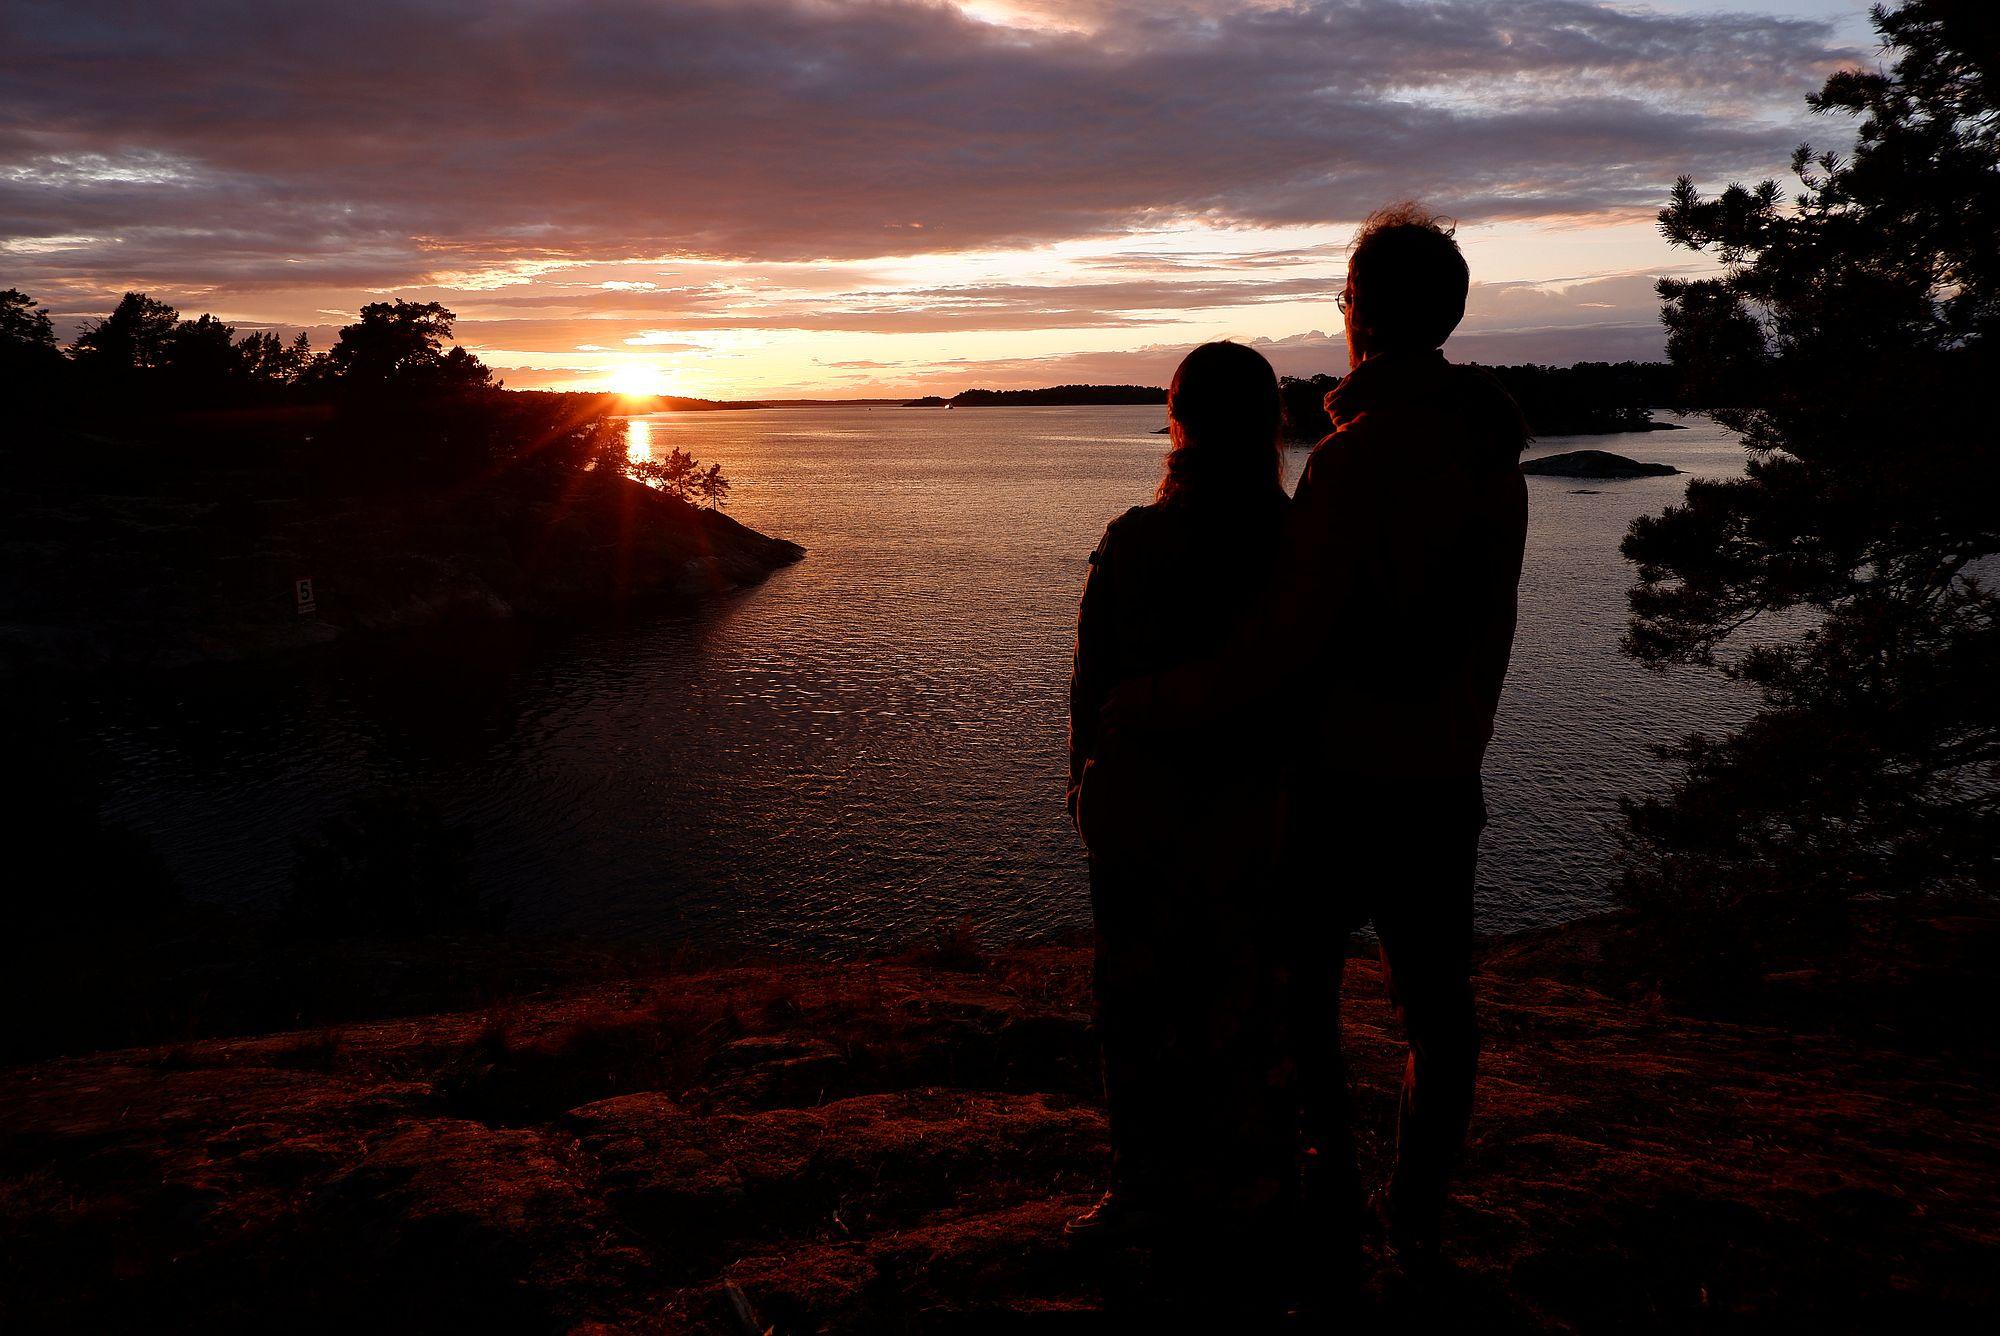 Ryan et moi devant le coucher de soleil